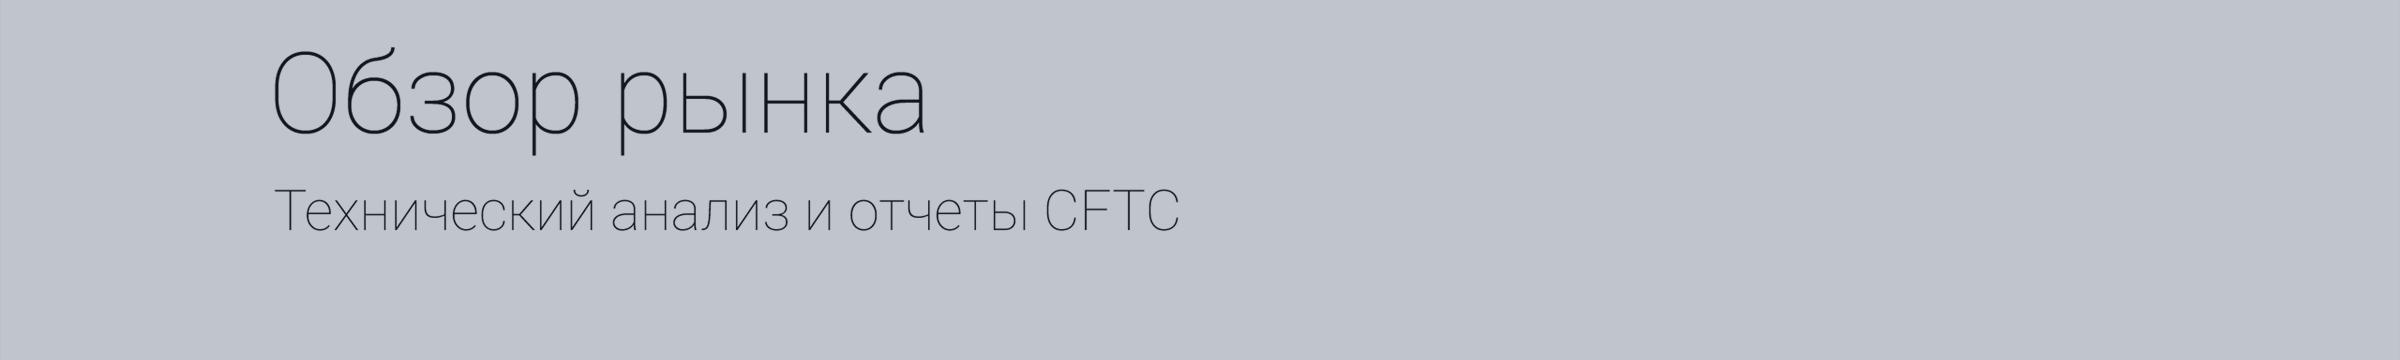 Еженедельный видеообзор финансовых рынков. Технический анализ и отчеты CFTC (30 мая — 5 июня)